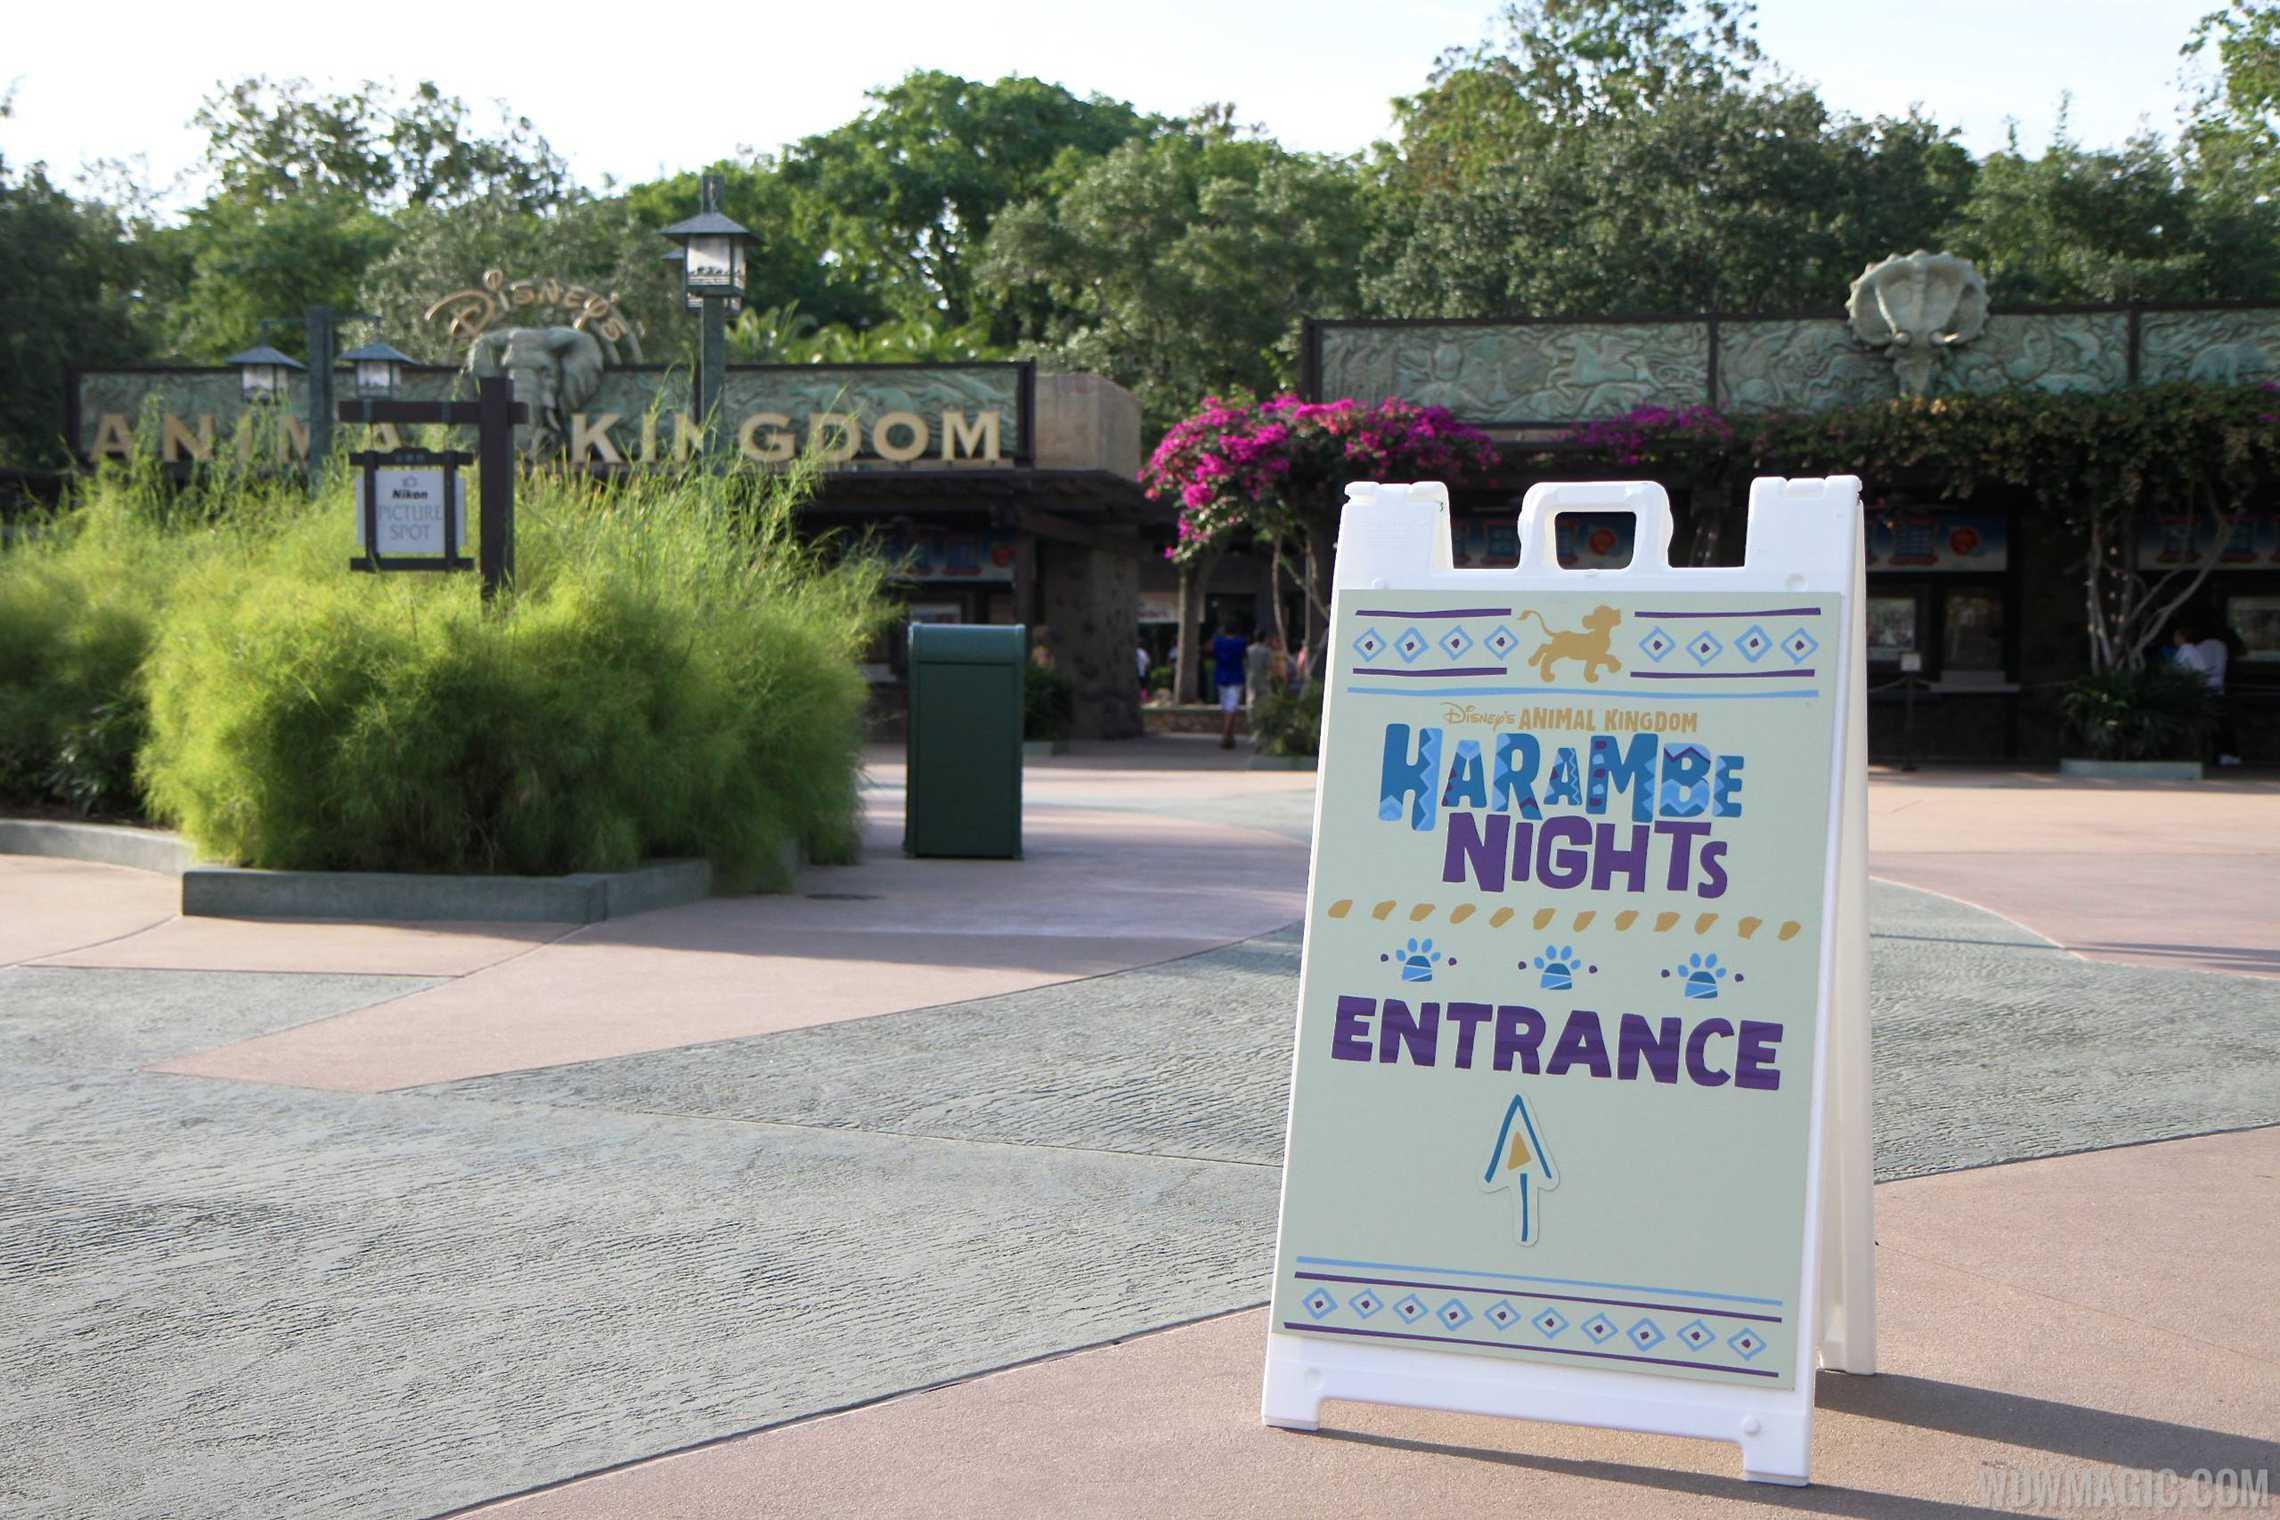 Harambe Nights - Main entrance signage